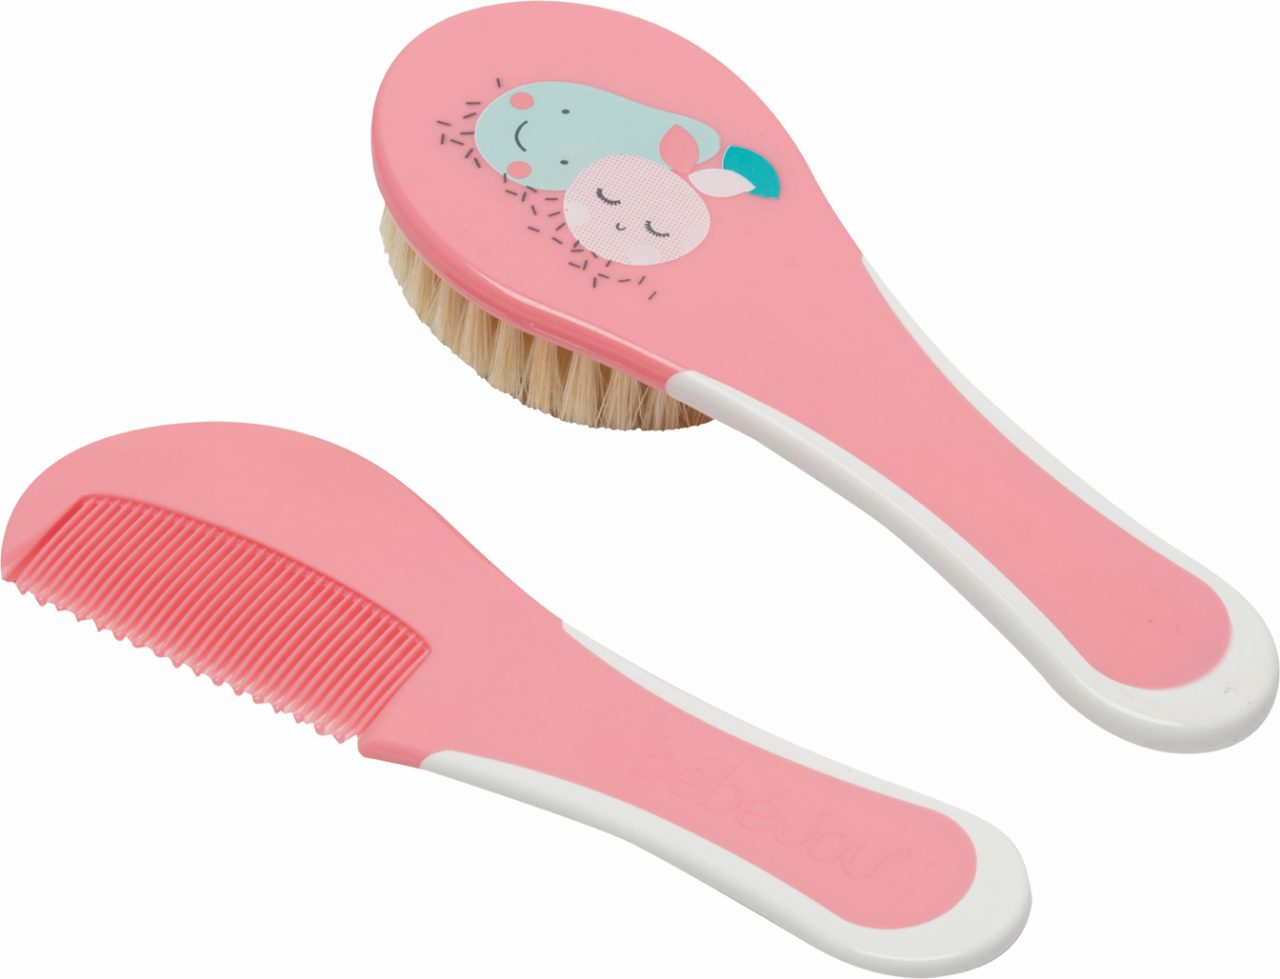 Brush and comb Blush Baby